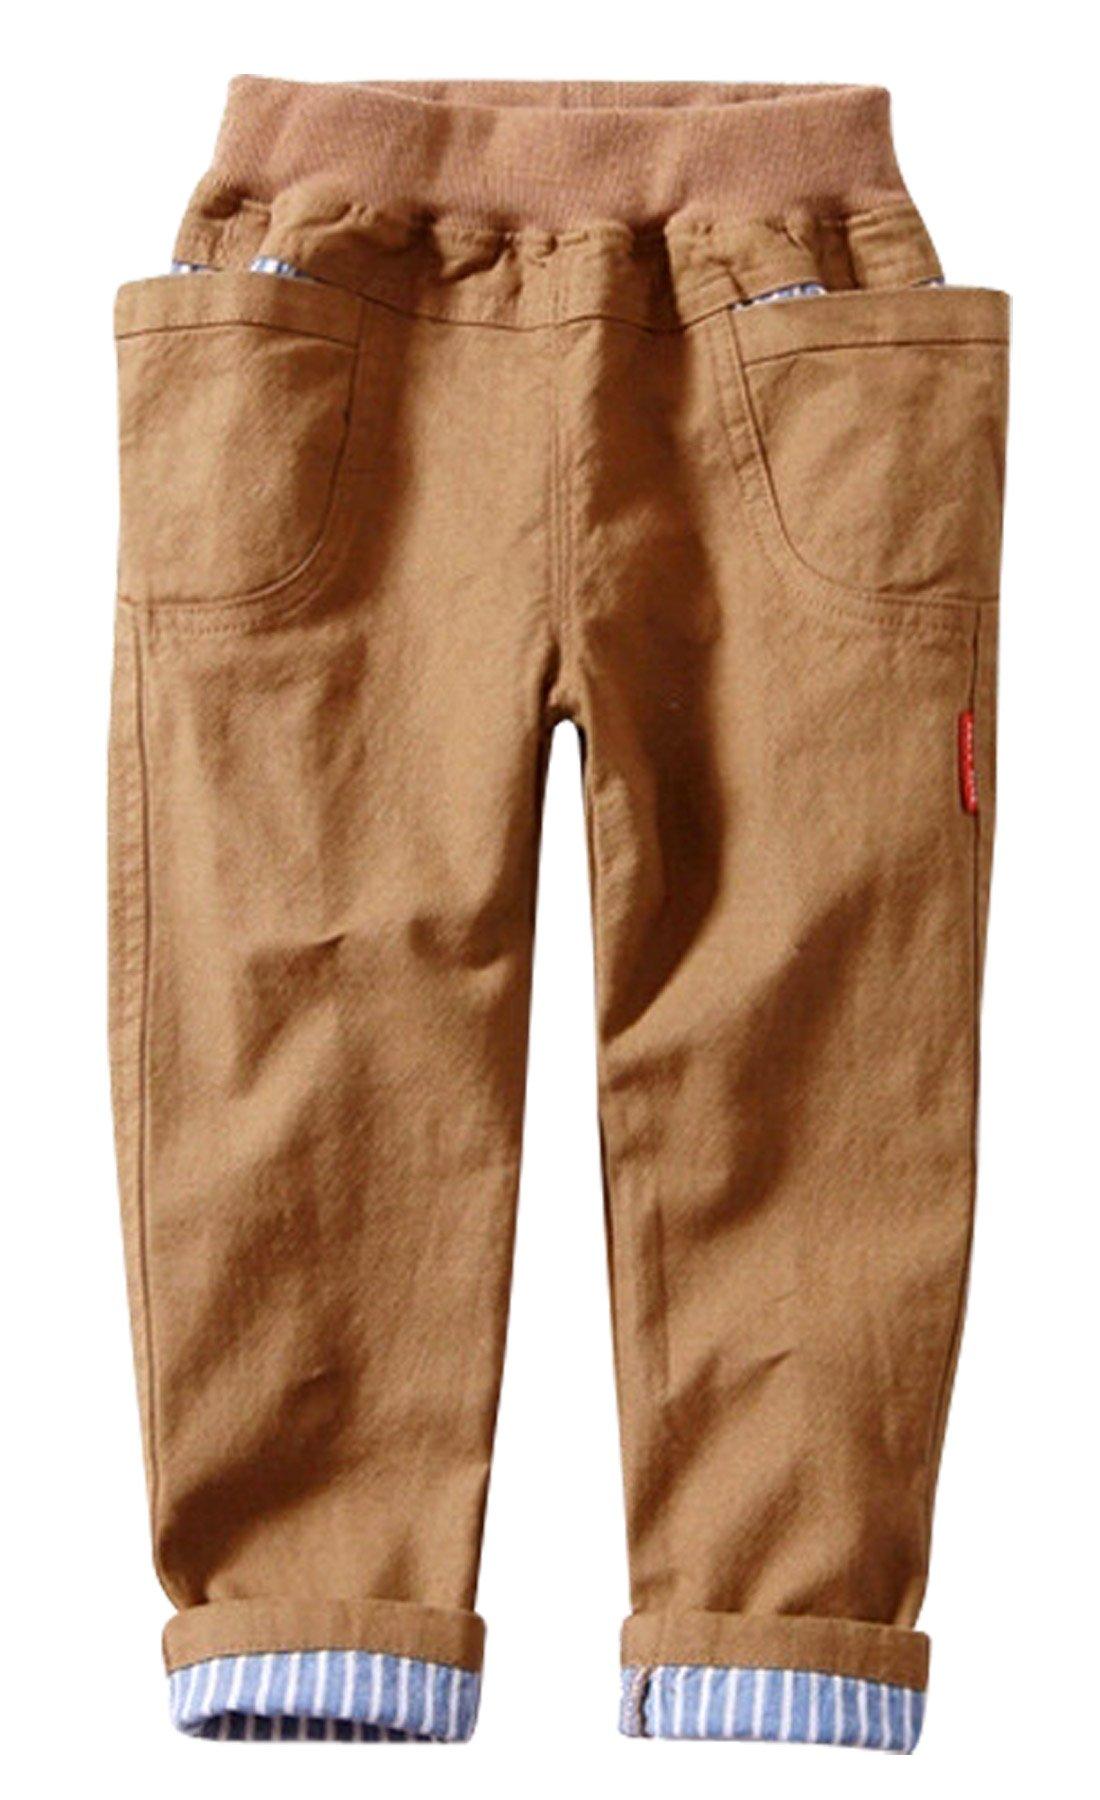 Aivtalk Boys Cotton Pants Lightweight Hand Pockets High Elastic Waistband Bottoms Shorts 4-5T Khaki